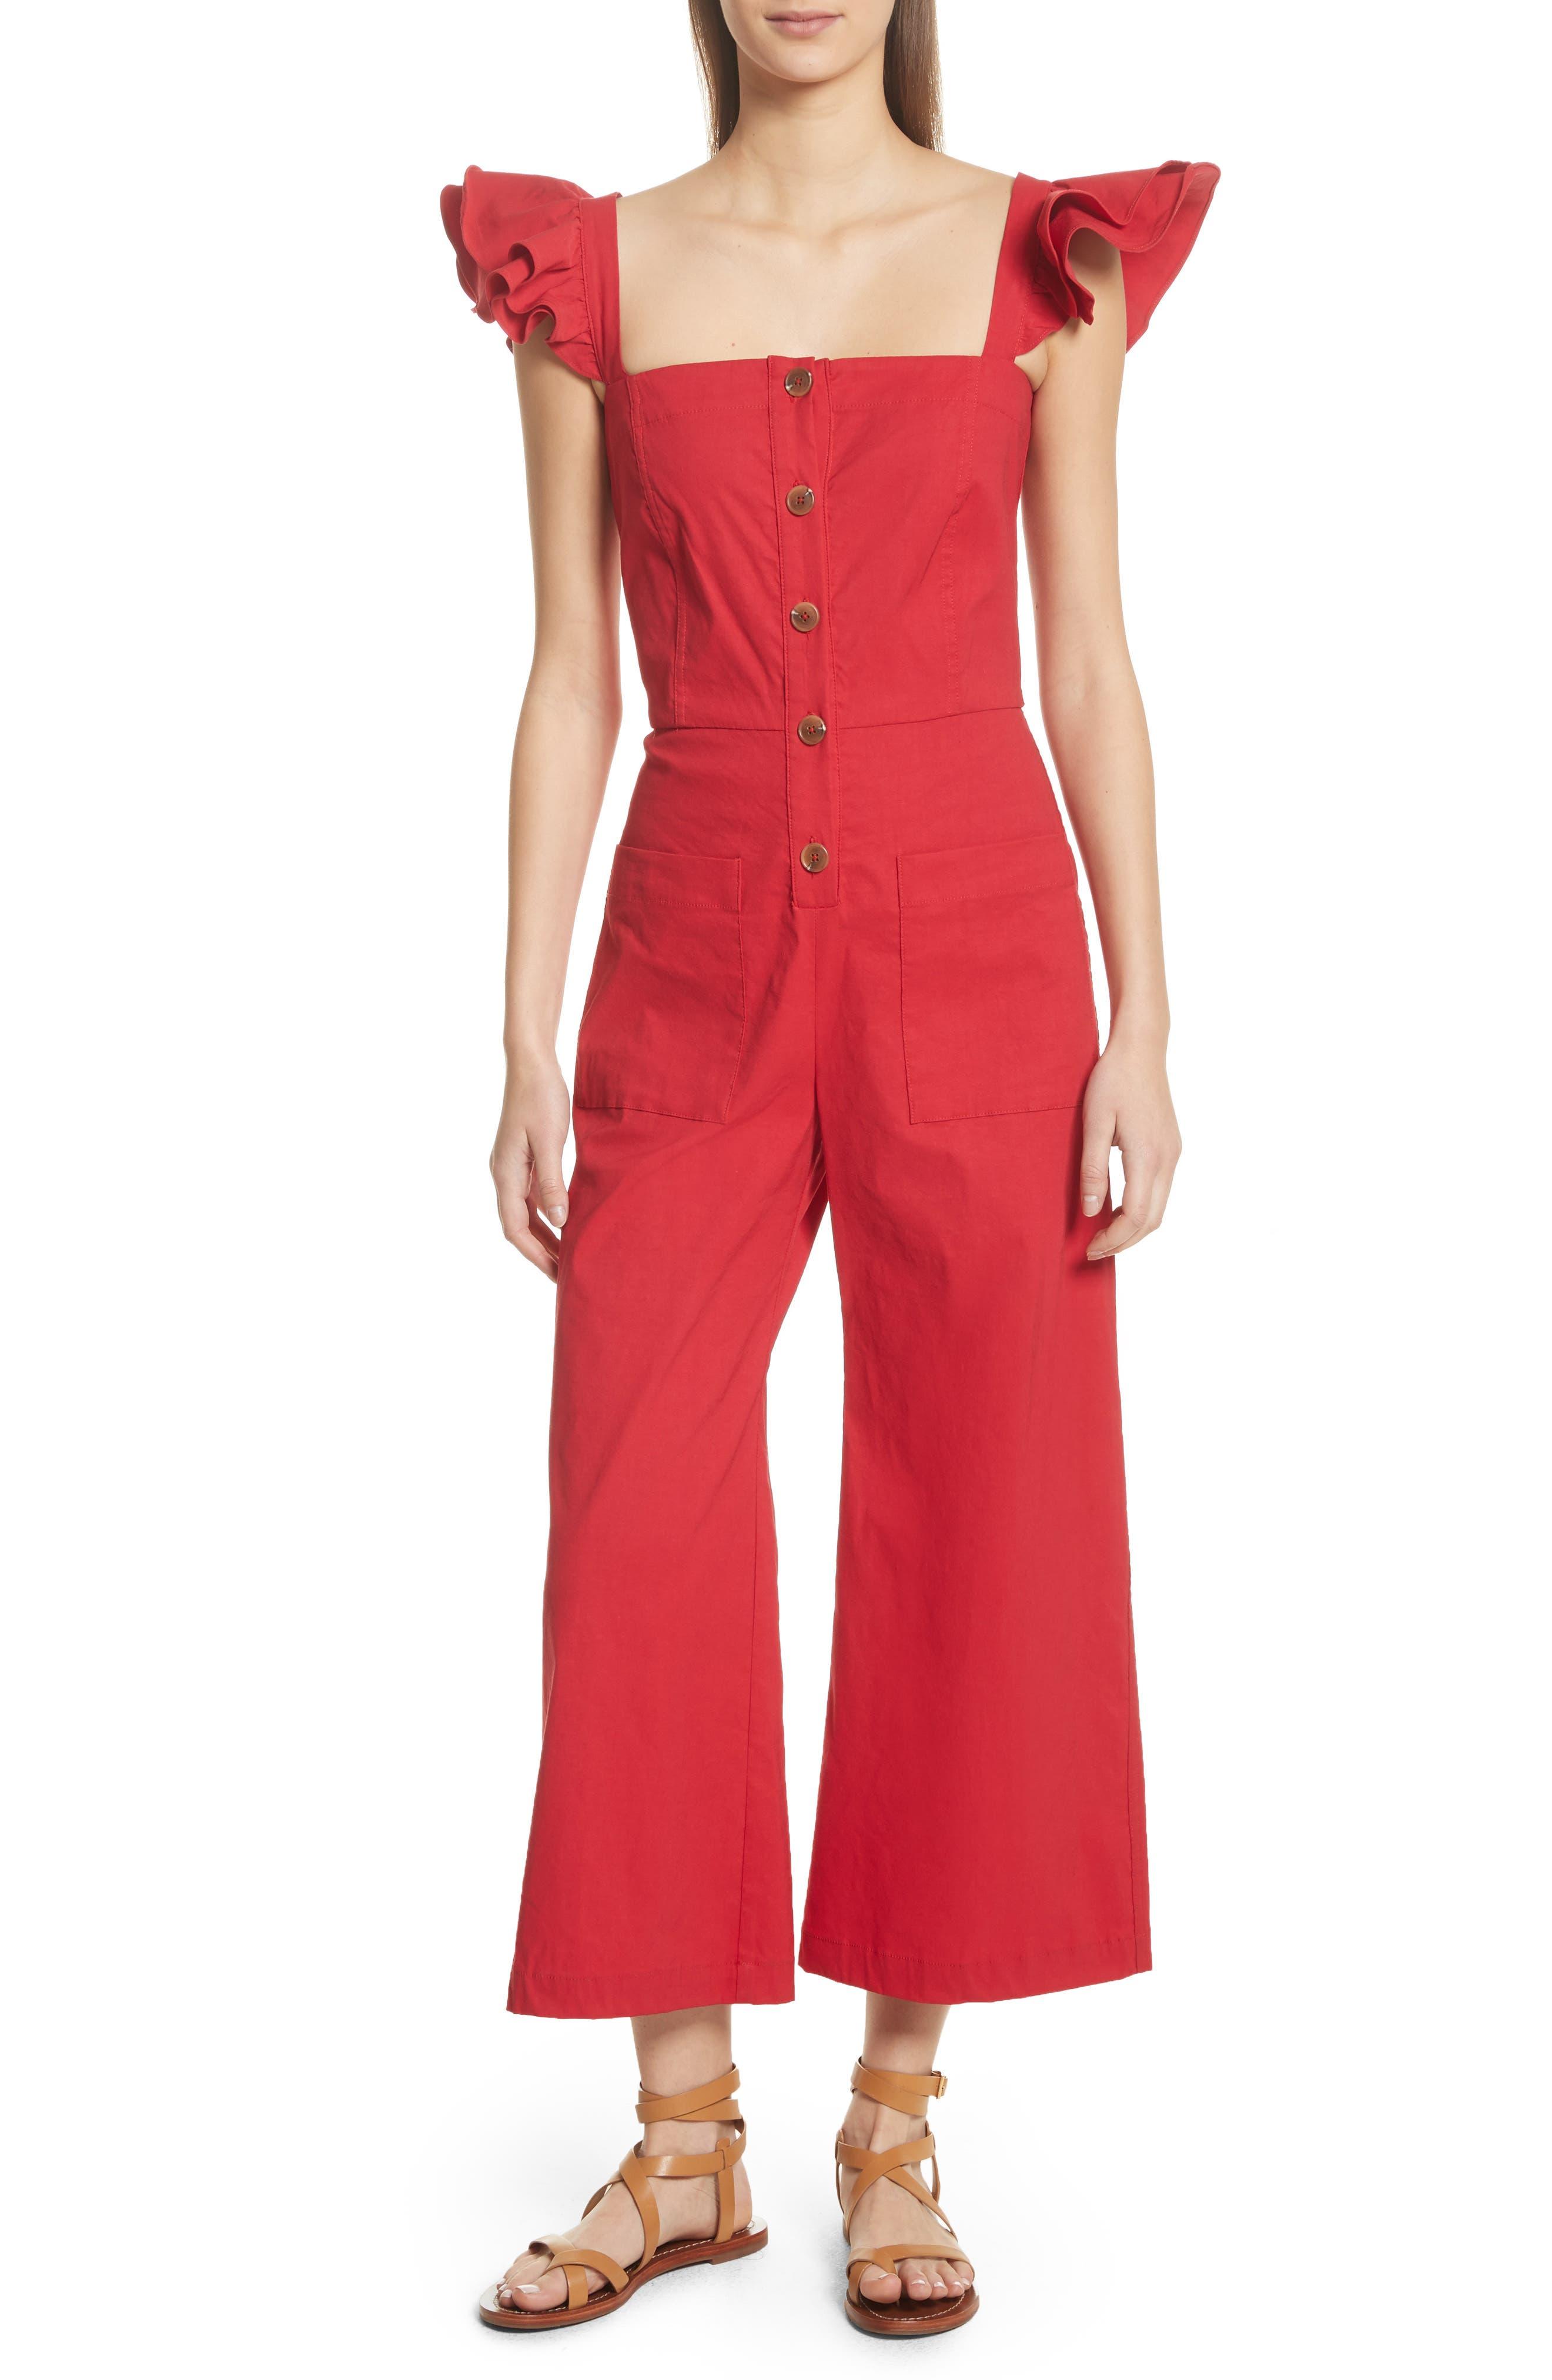 Callie Ruffle Strap Jumpsuit,                         Main,                         color, 600